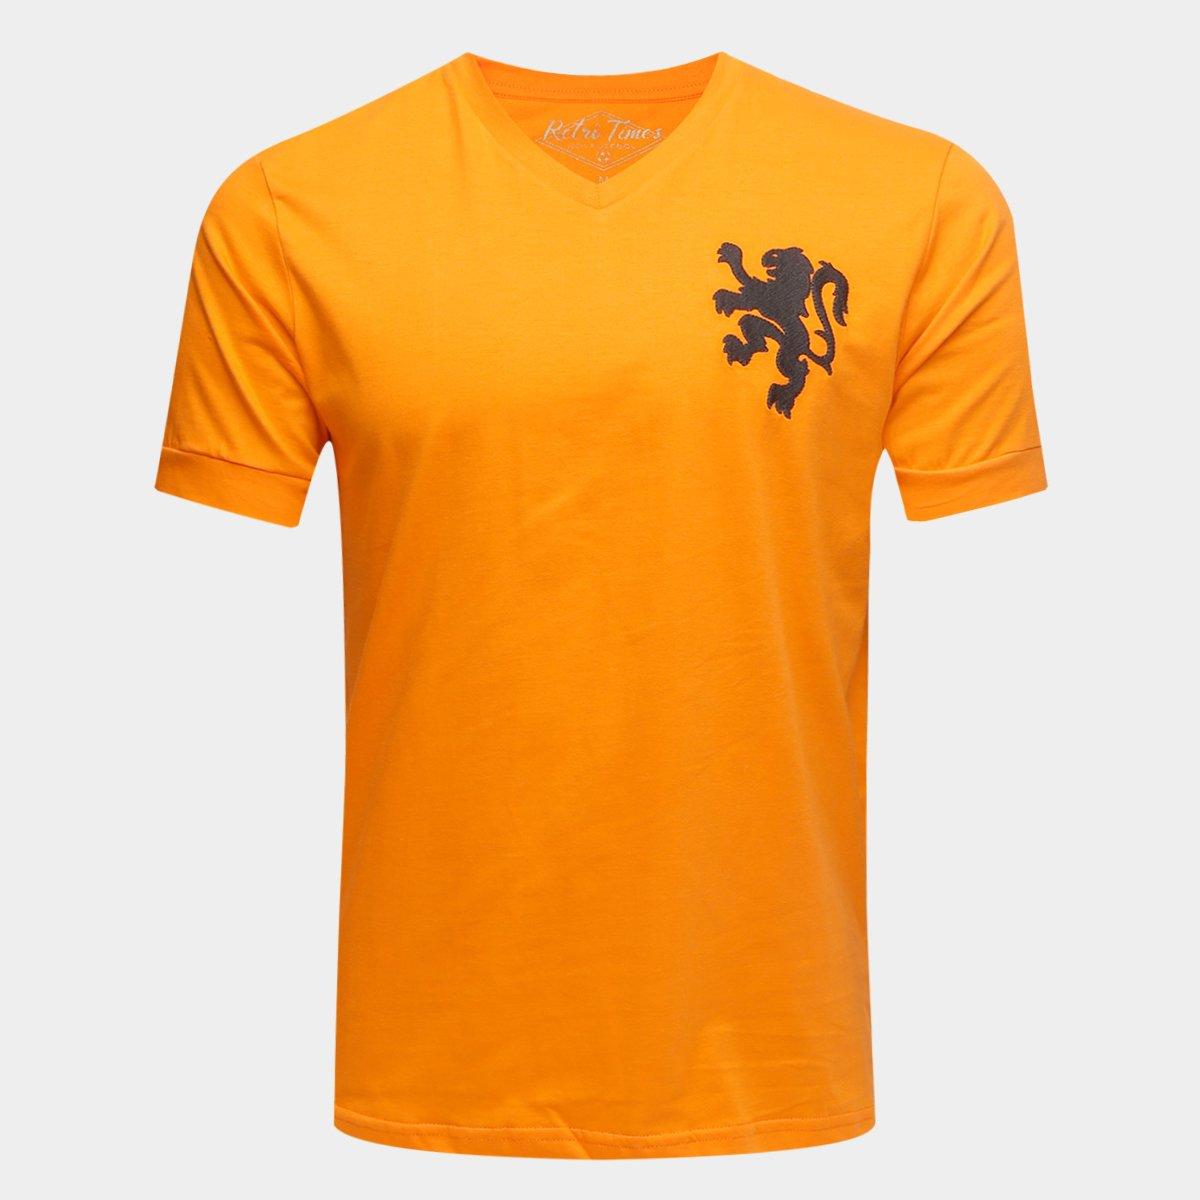 Camiseta Seleção Holanda Retro Times 1974 Masculina - Compre Agora ... 48199ad06a6f4